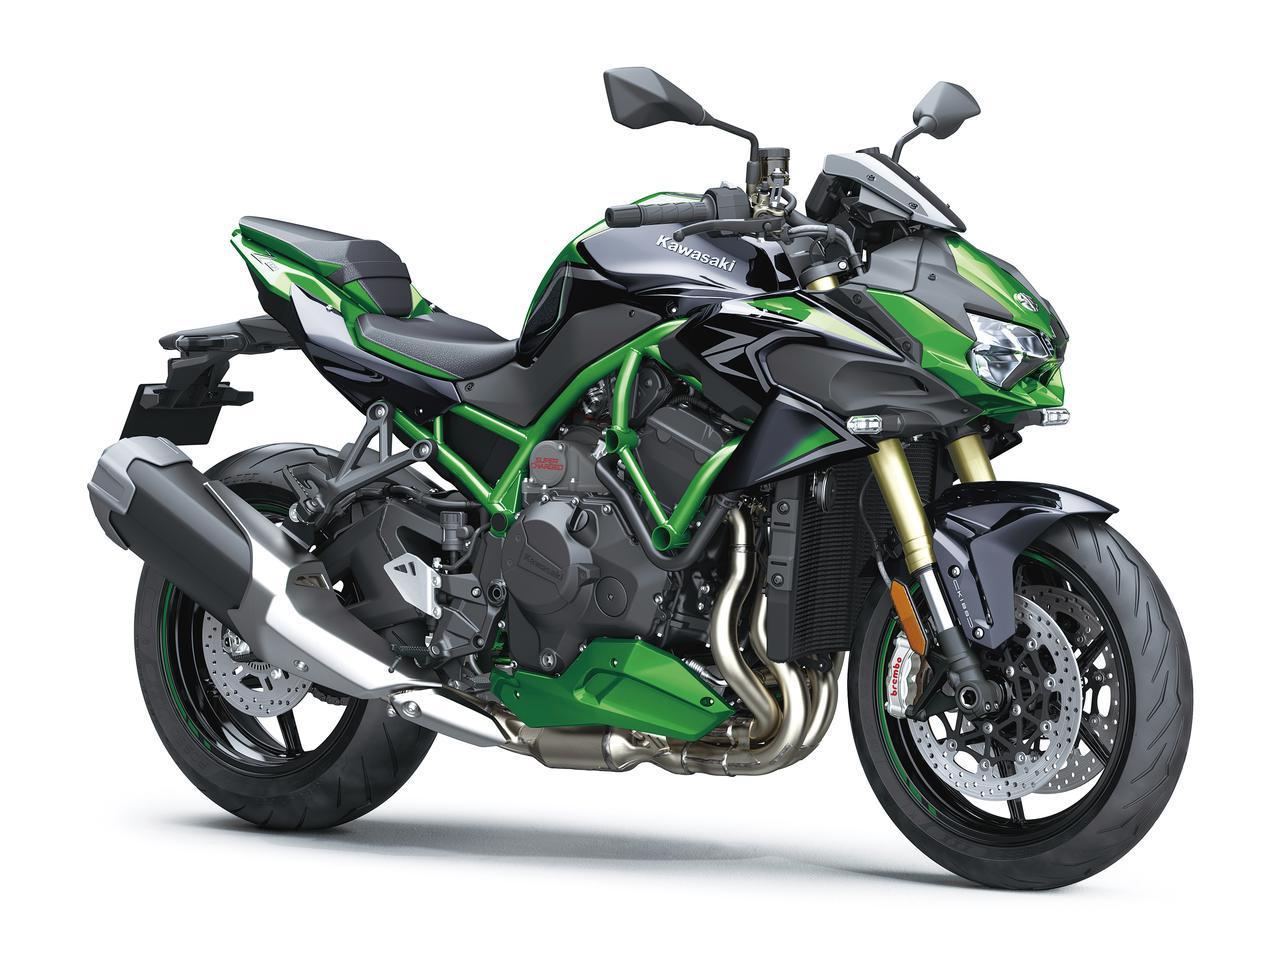 画像: Kawasaki Z H2 SE (欧州仕様) 総排気量:998cc エンジン形式:水冷4ストDOHC4バルブ並列4気筒 最高出力:147.1kW(200PS)/11000rpm 最大トルク:137N・m(14.0kgf・m)/8500rpm シート高:830mm 車両重量:240kg